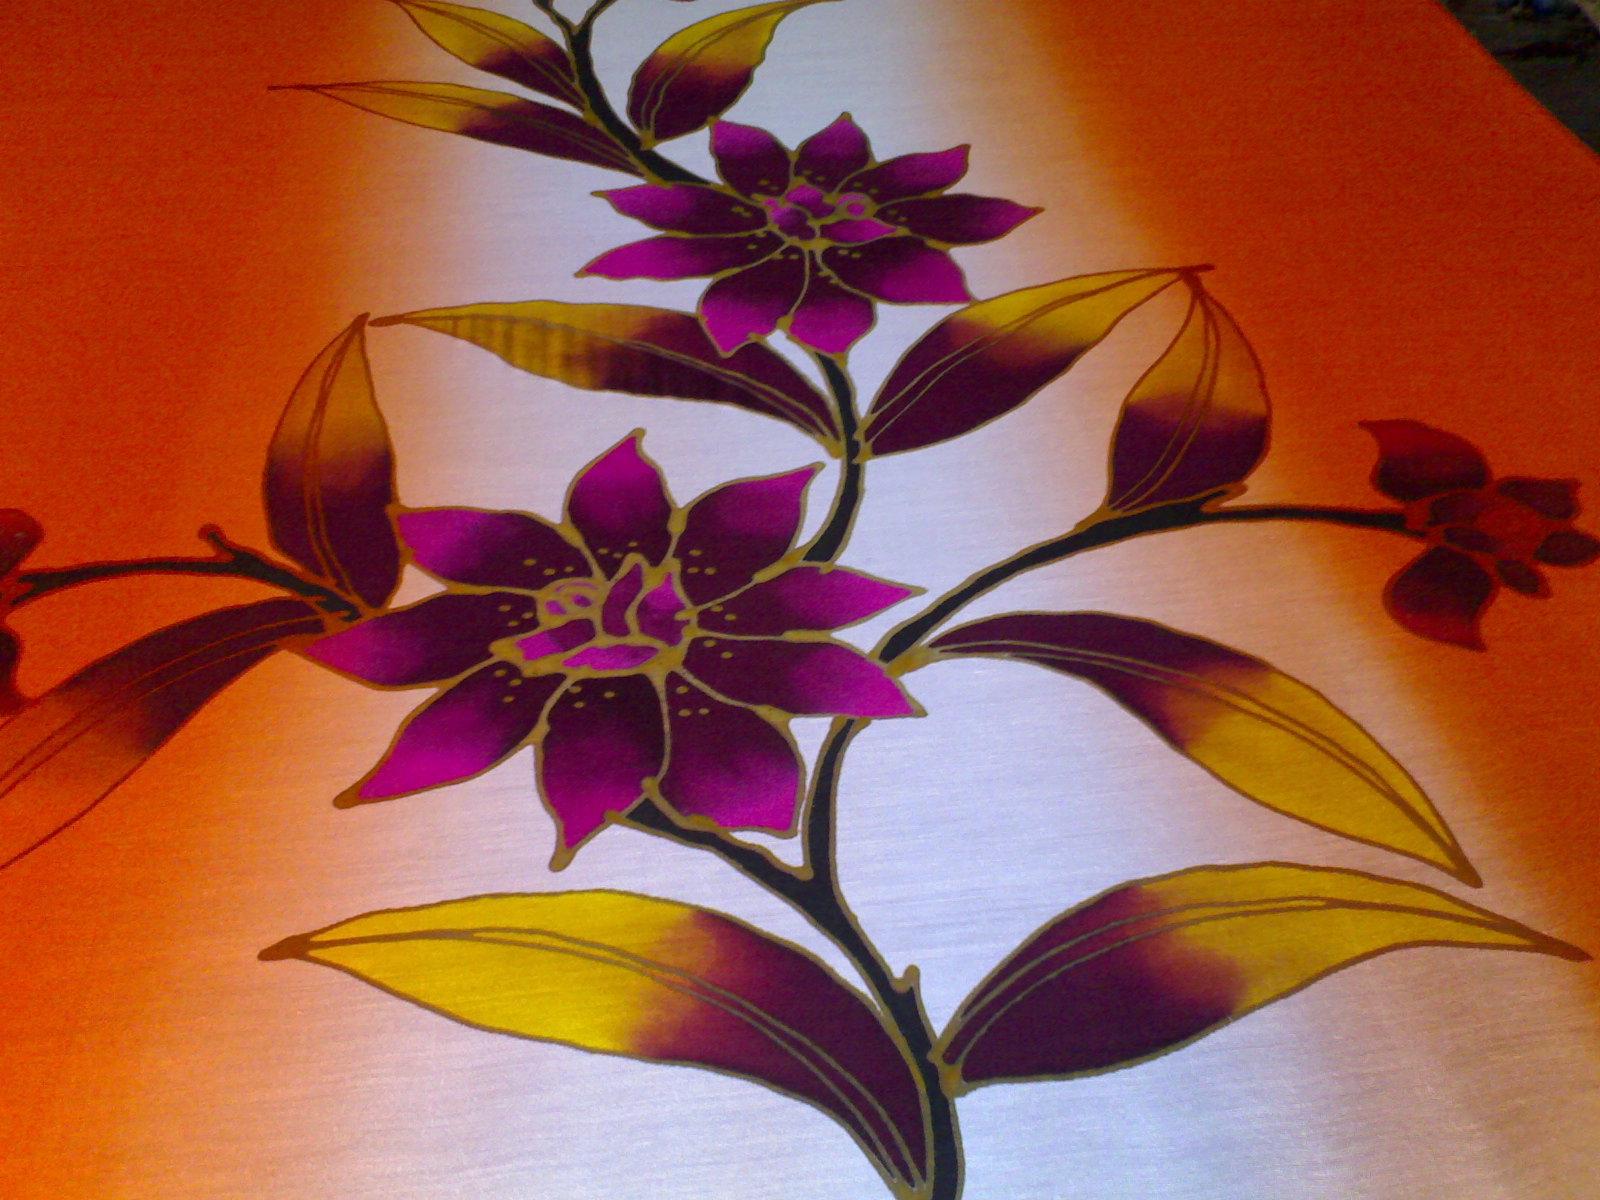 Orkid merupakan bunga kebangsaan negara singapura. perusahaan batik tradisional kelantan: batik kelantan